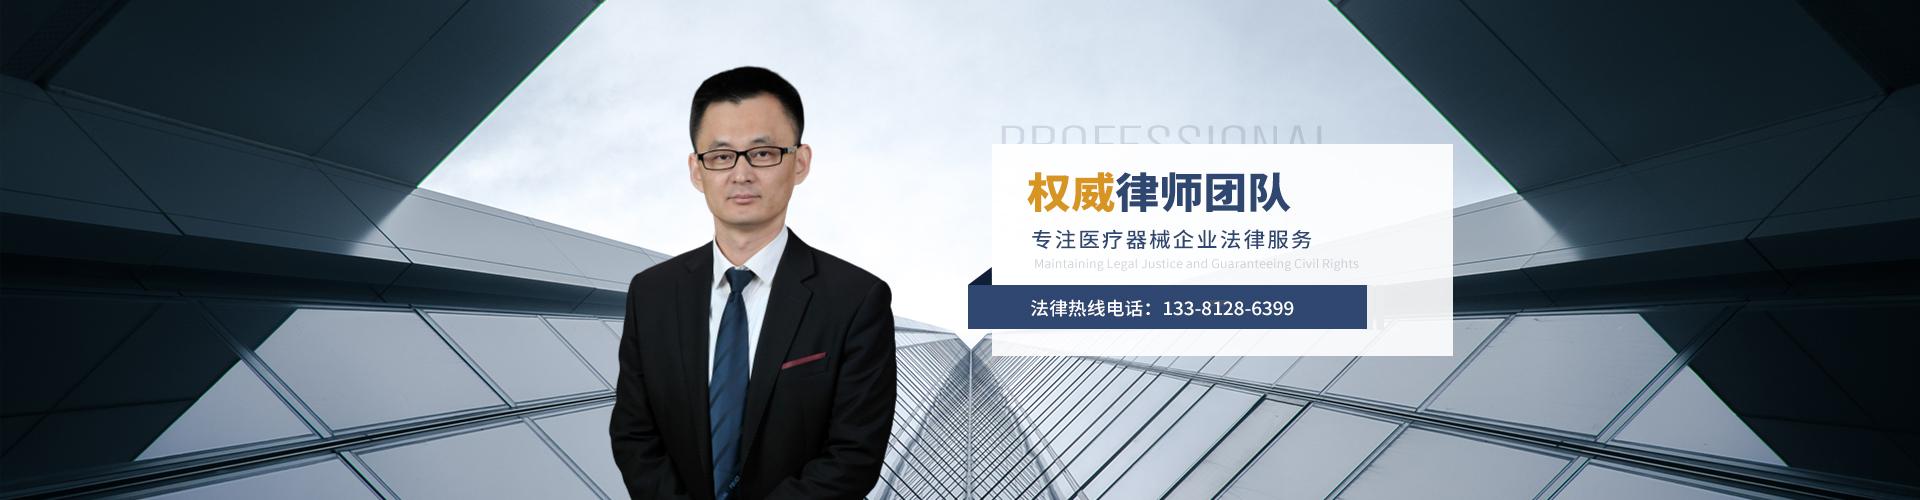 北京刘伟律师